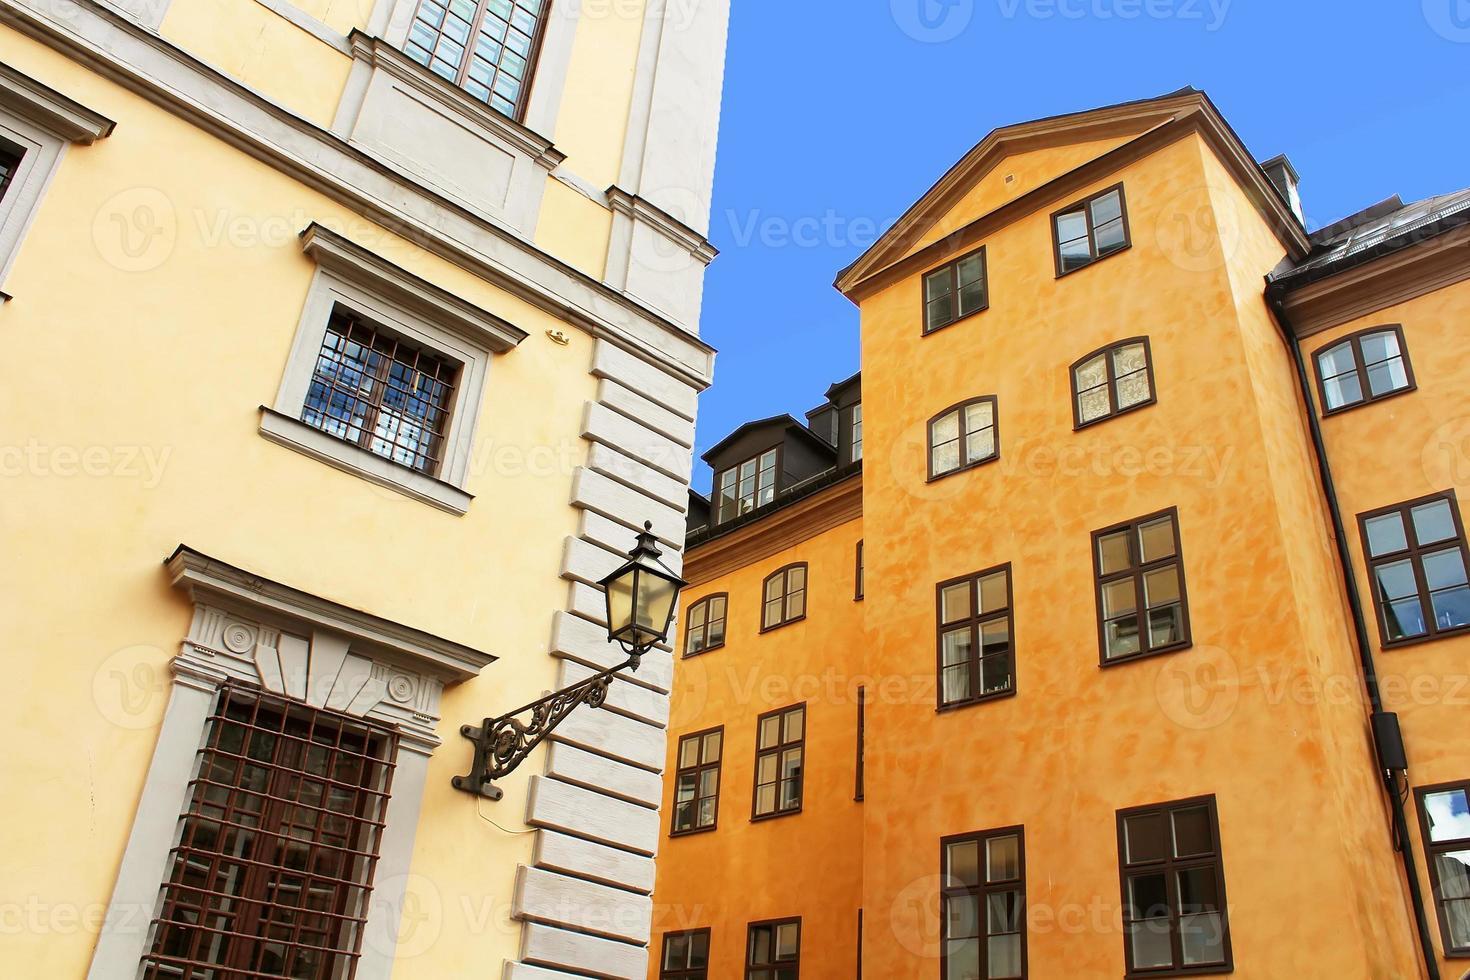 oude gebouwen en lantaarn, stockholm, zweden foto